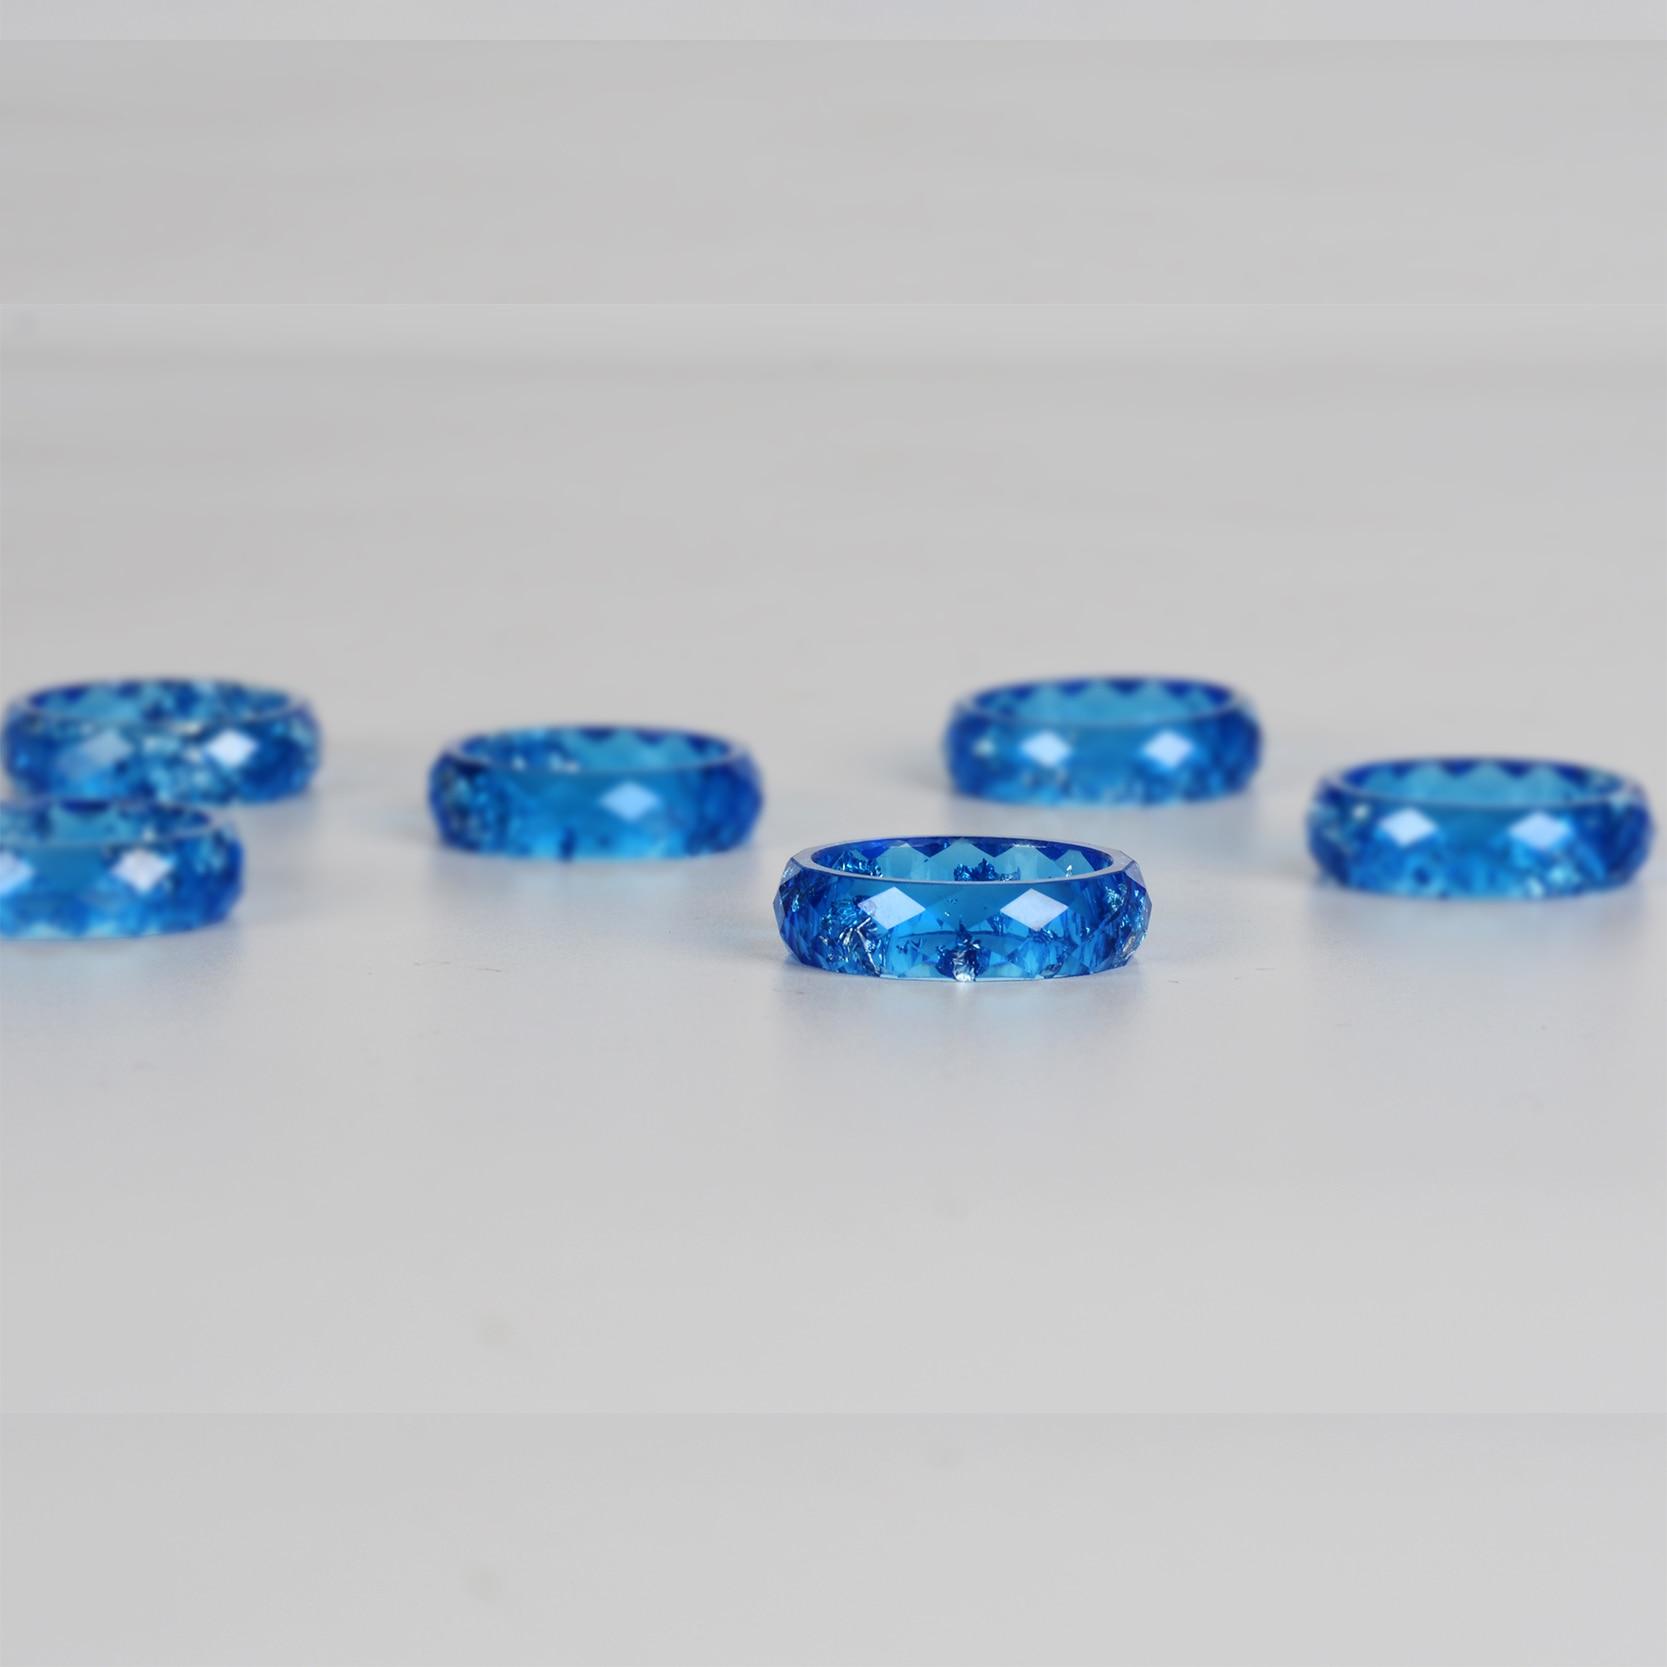 H928b883a149249b6b2b320dff3a2043eX - Crystalic Resin Ring